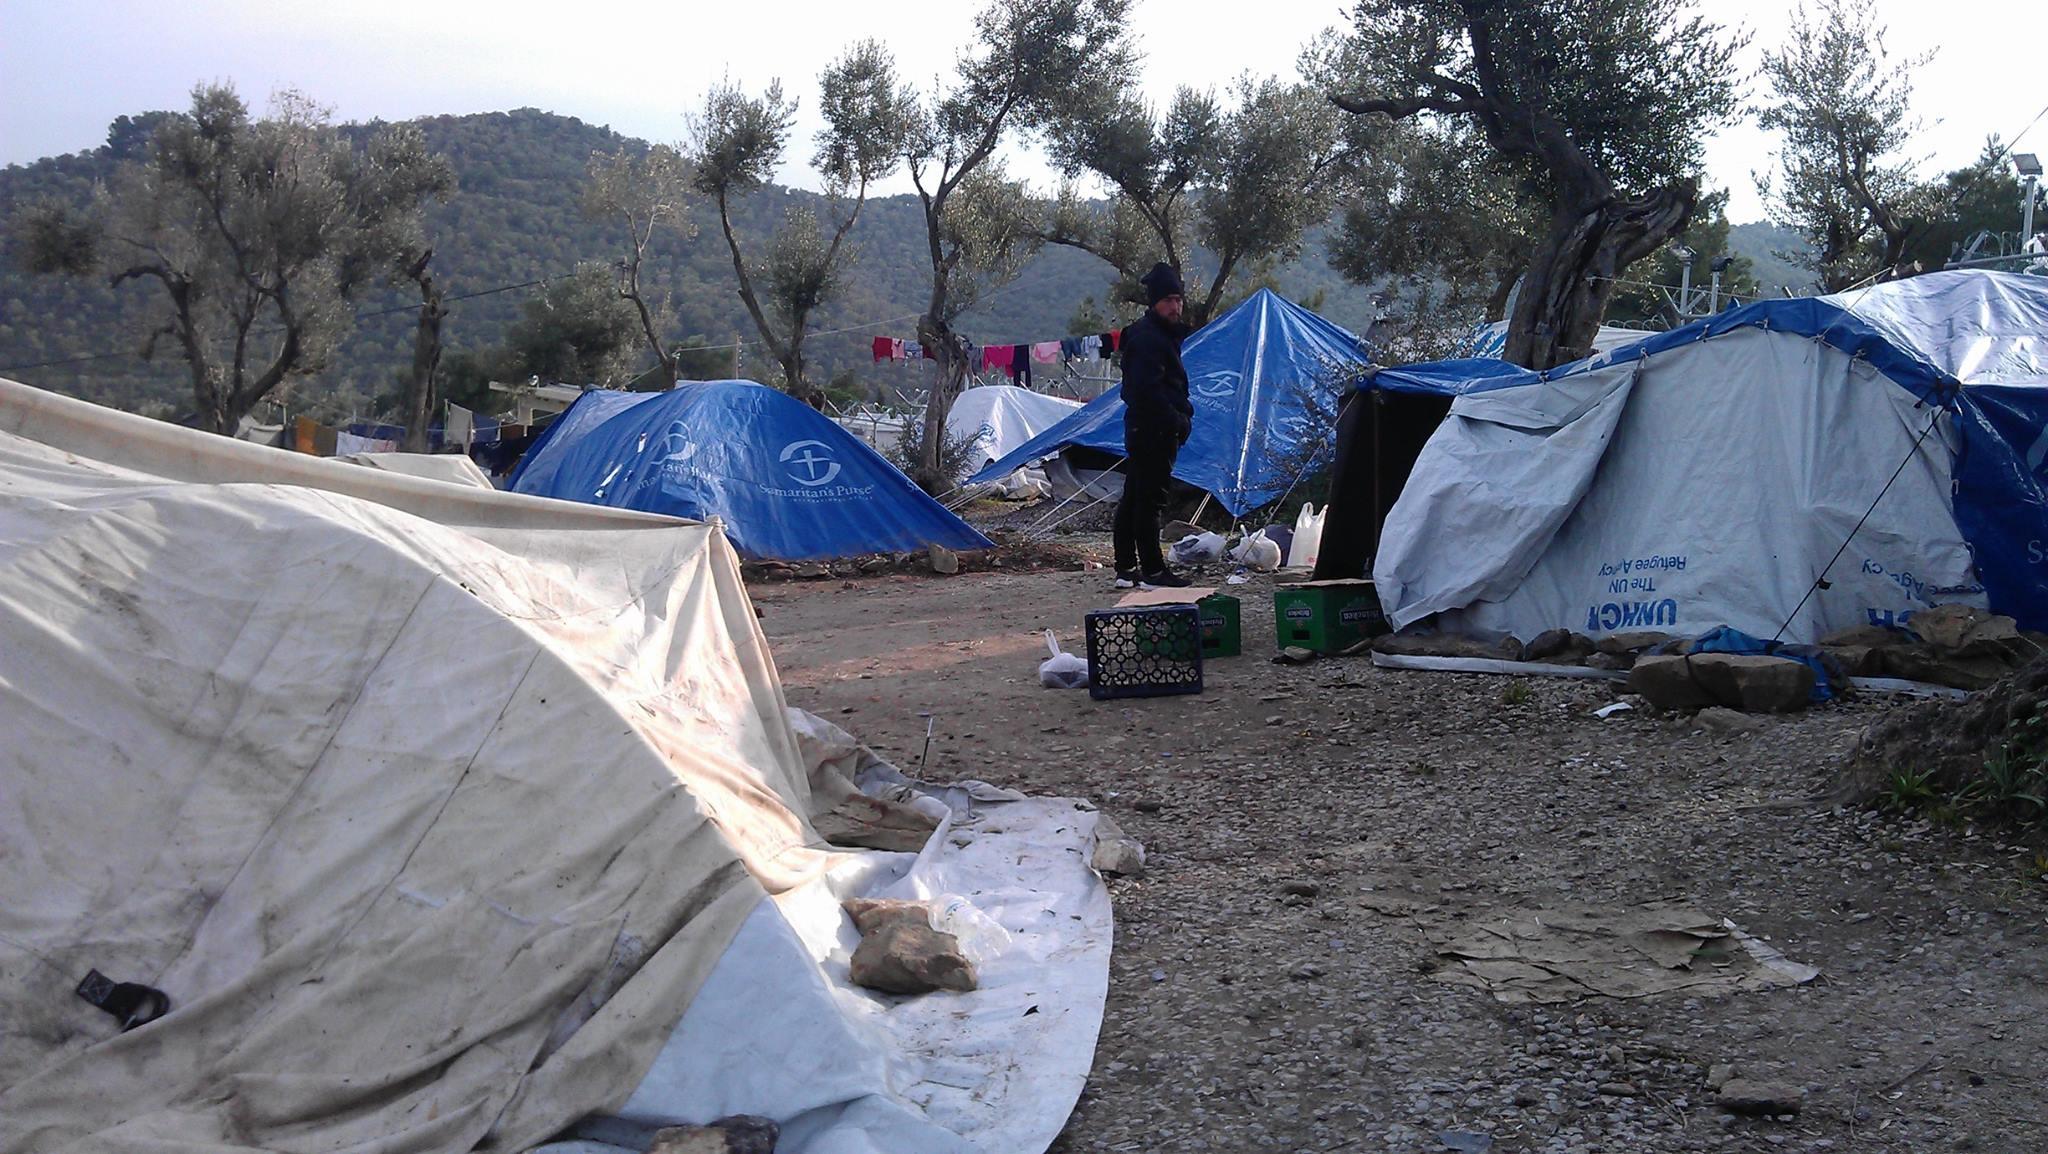 Bereits 5,5 Millionen Syrer ins Ausland geflohen